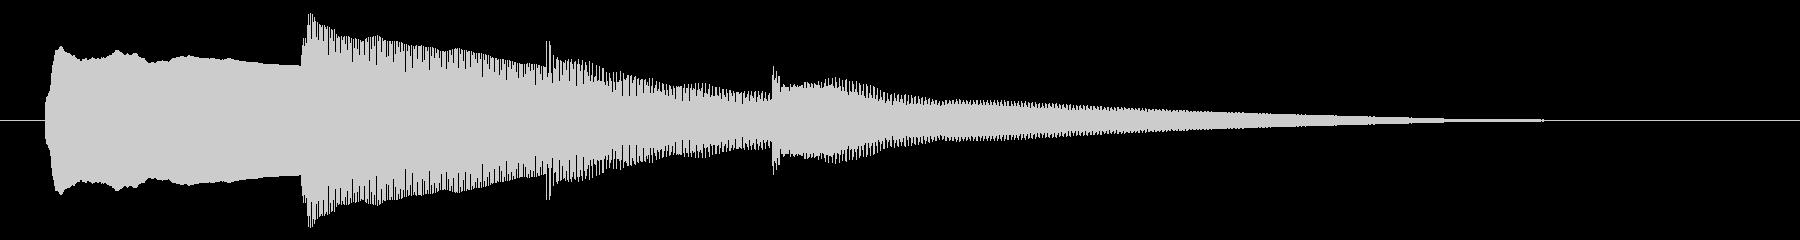 チャイム アナウンス06-4の未再生の波形